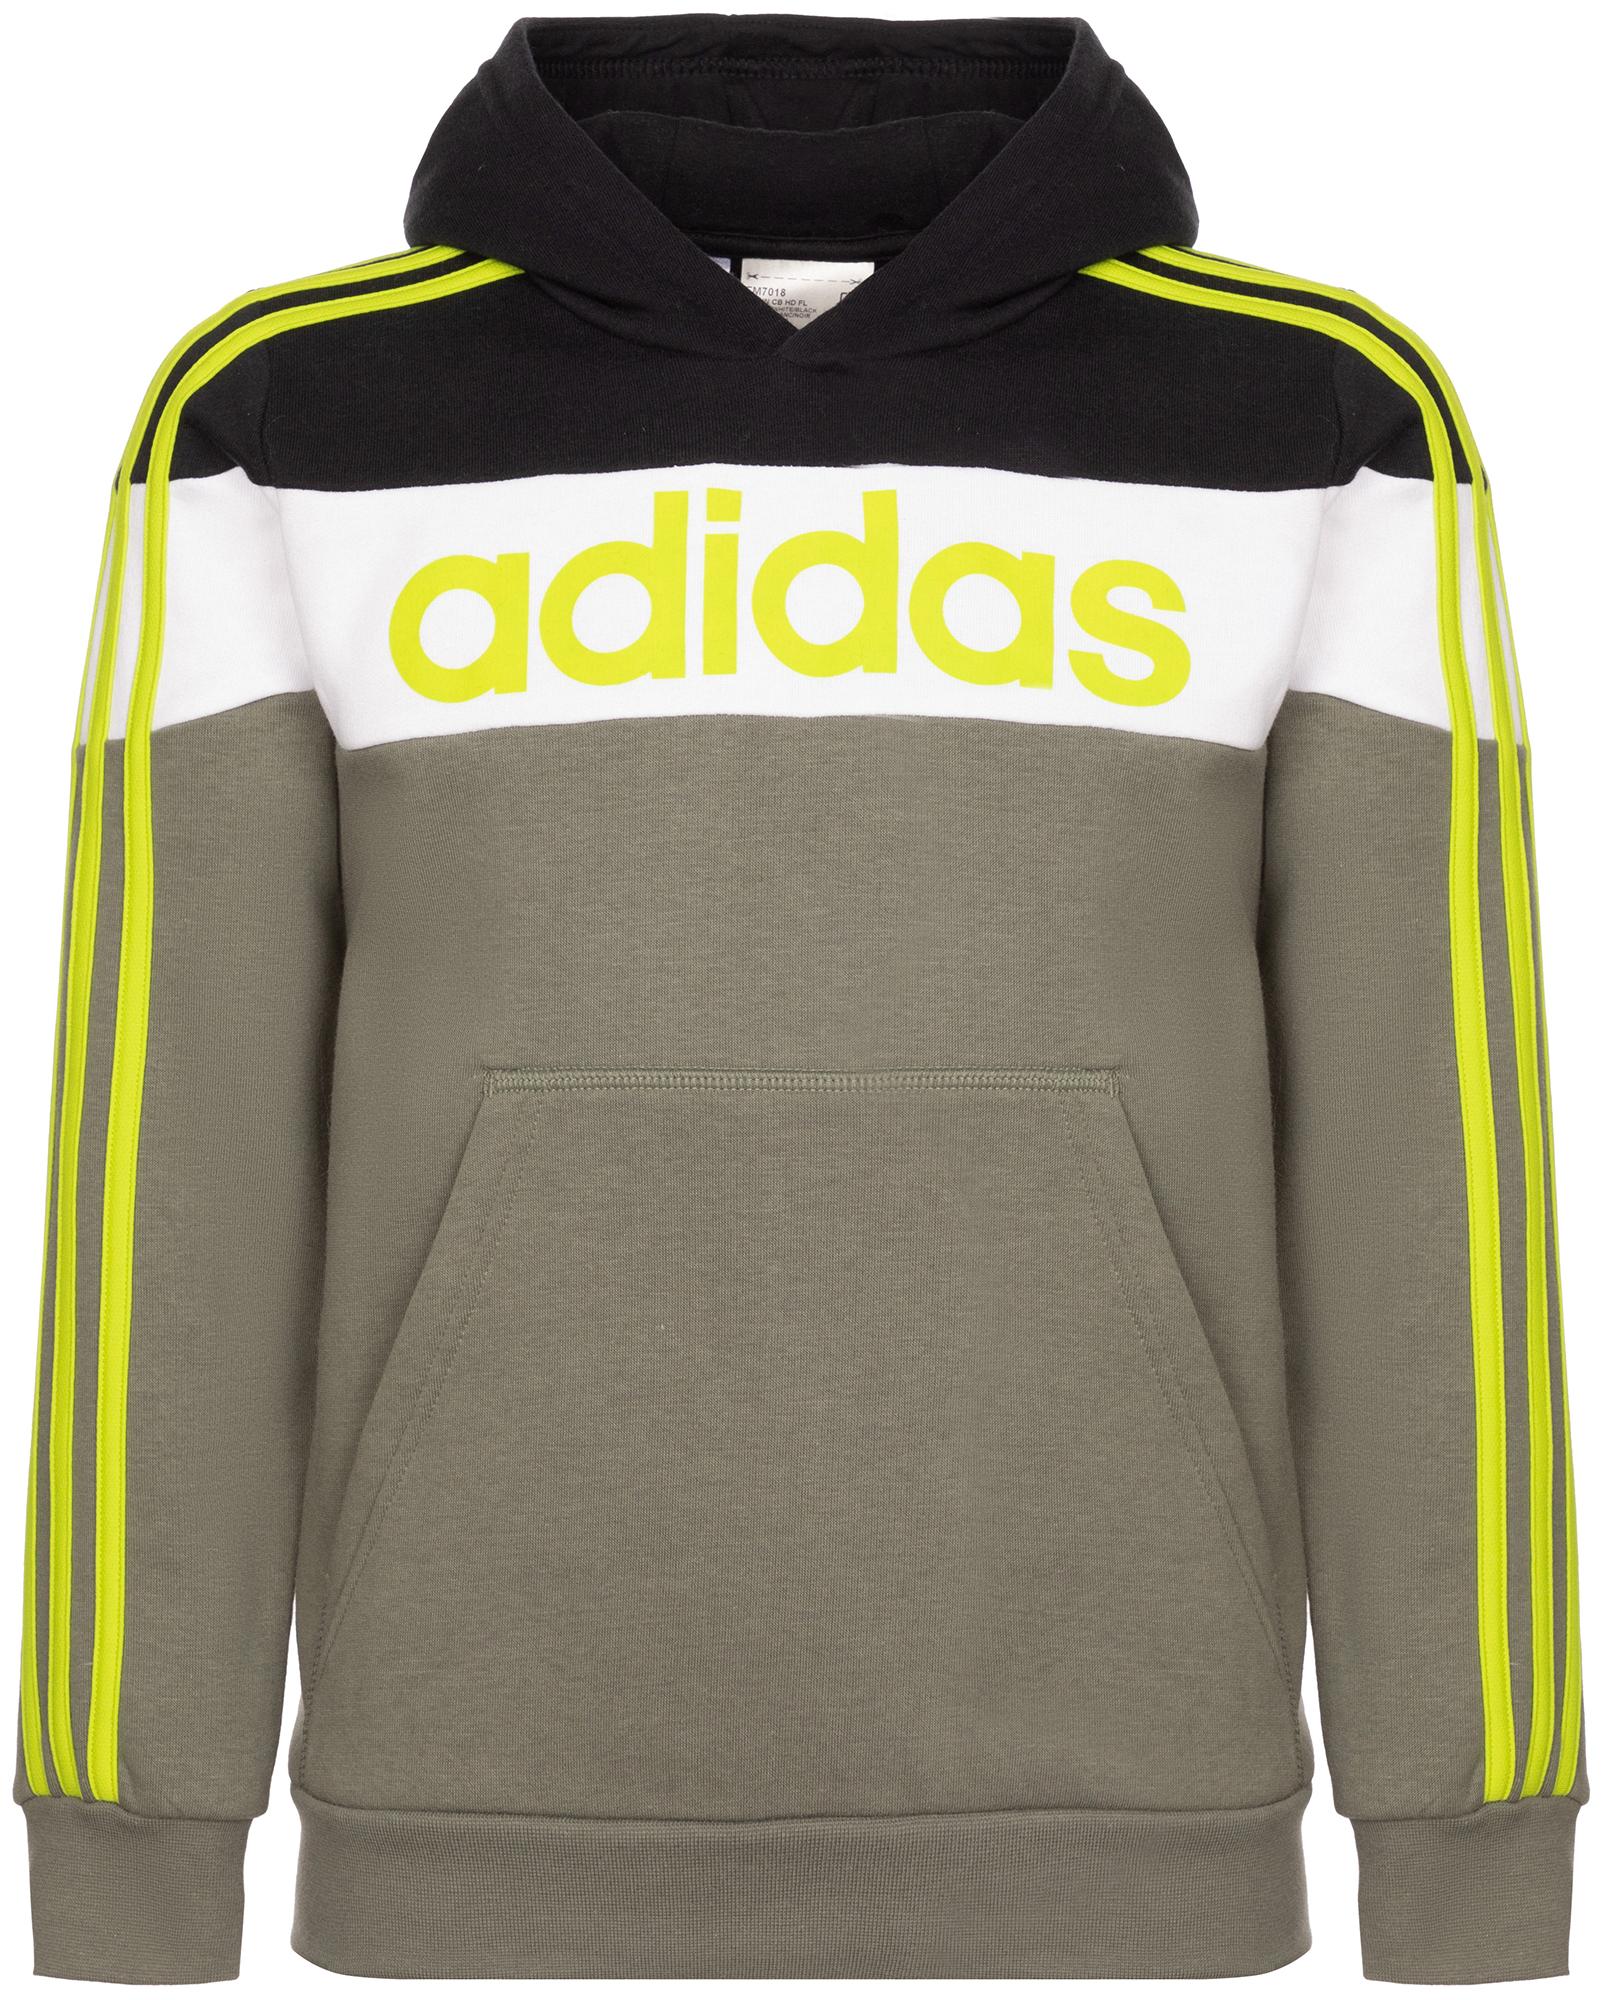 худи женское adidas ess 3s fz hd цвет серый розовый br2438 размер s 42 44 Adidas Худи для мальчиков Adidas Linear, размер 128